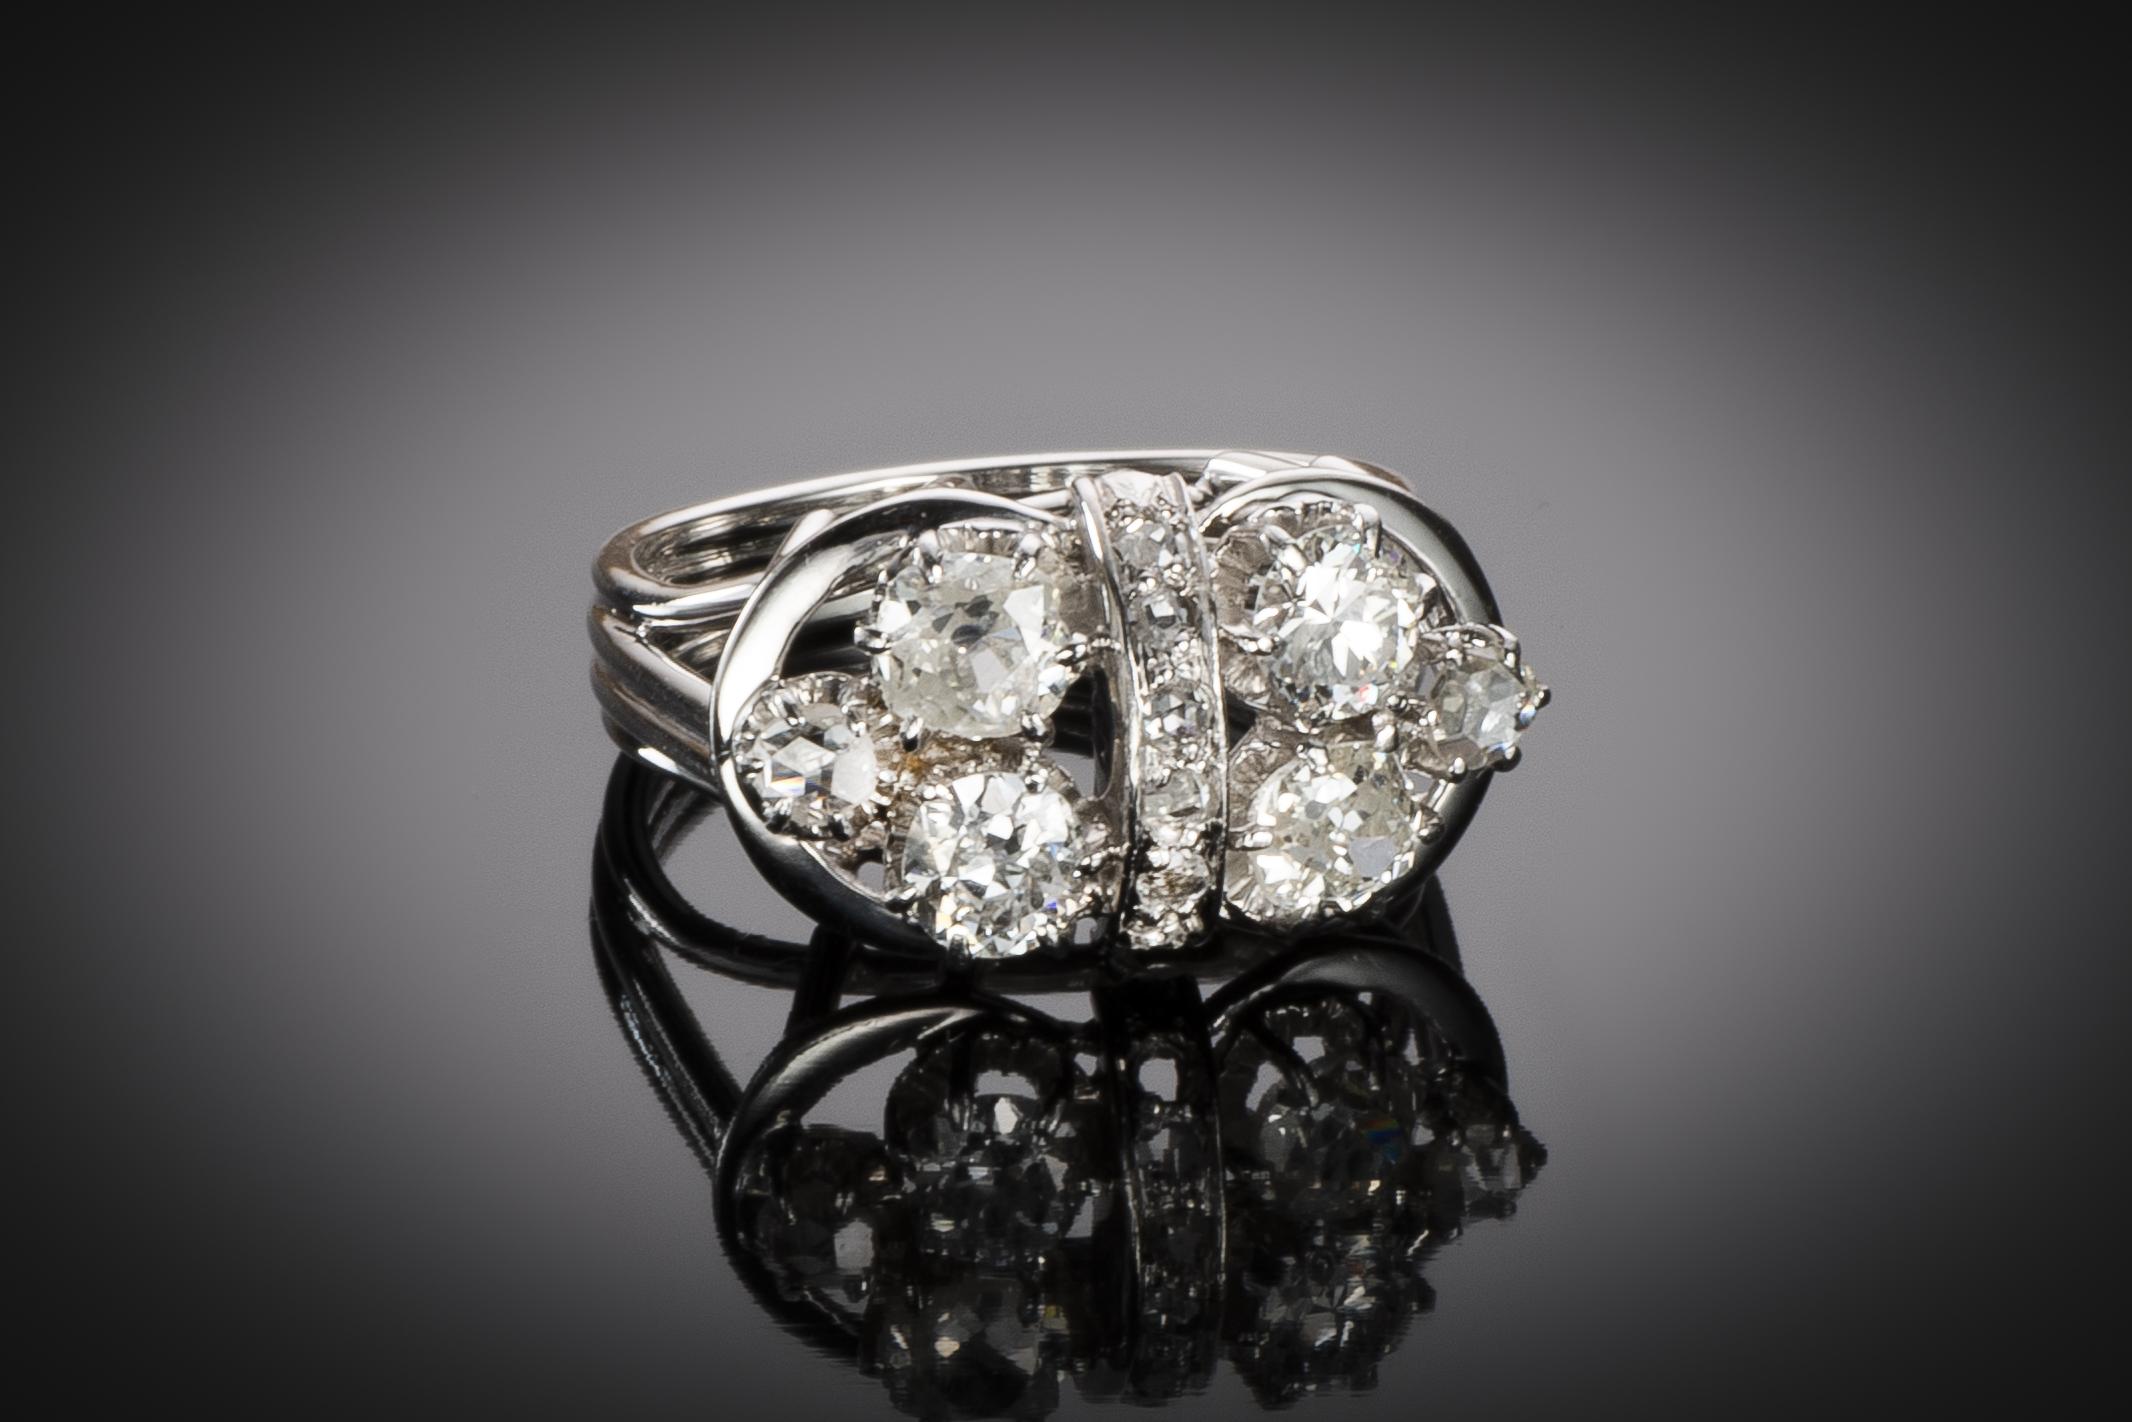 Bague diamants vers 1950-1